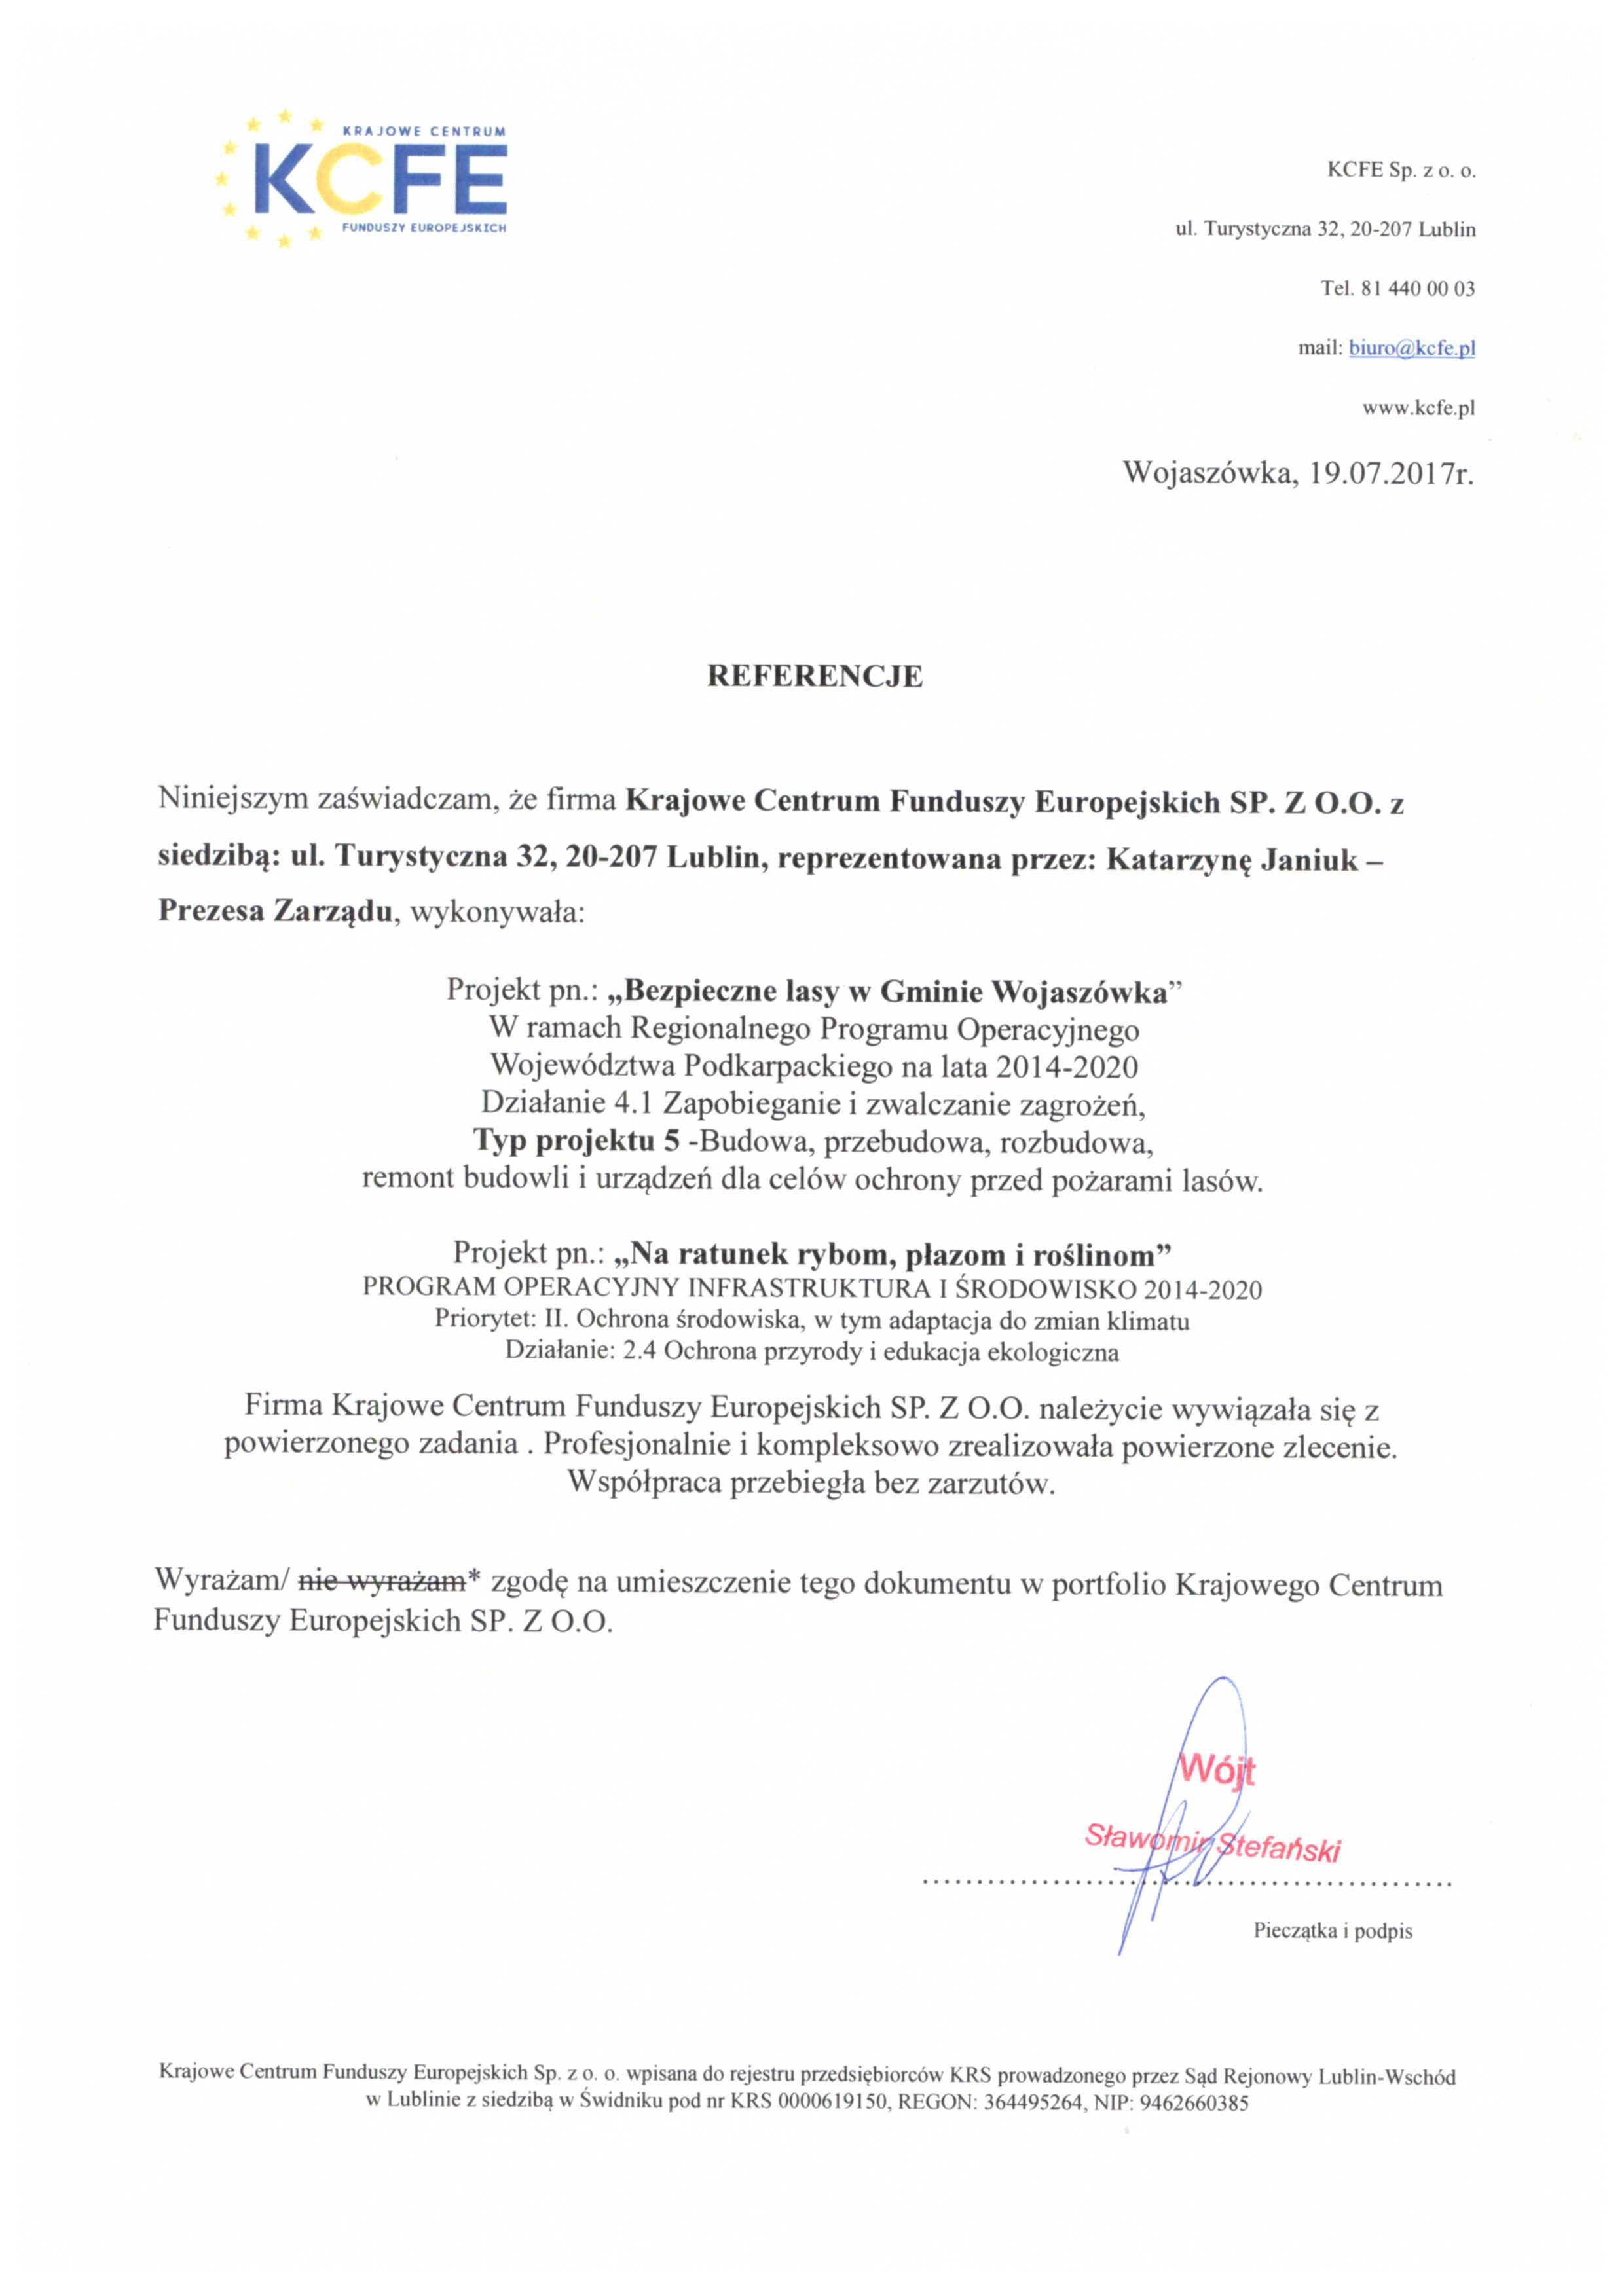 Referencje Wojaszówka Wójt 19.07.2017 - JPG